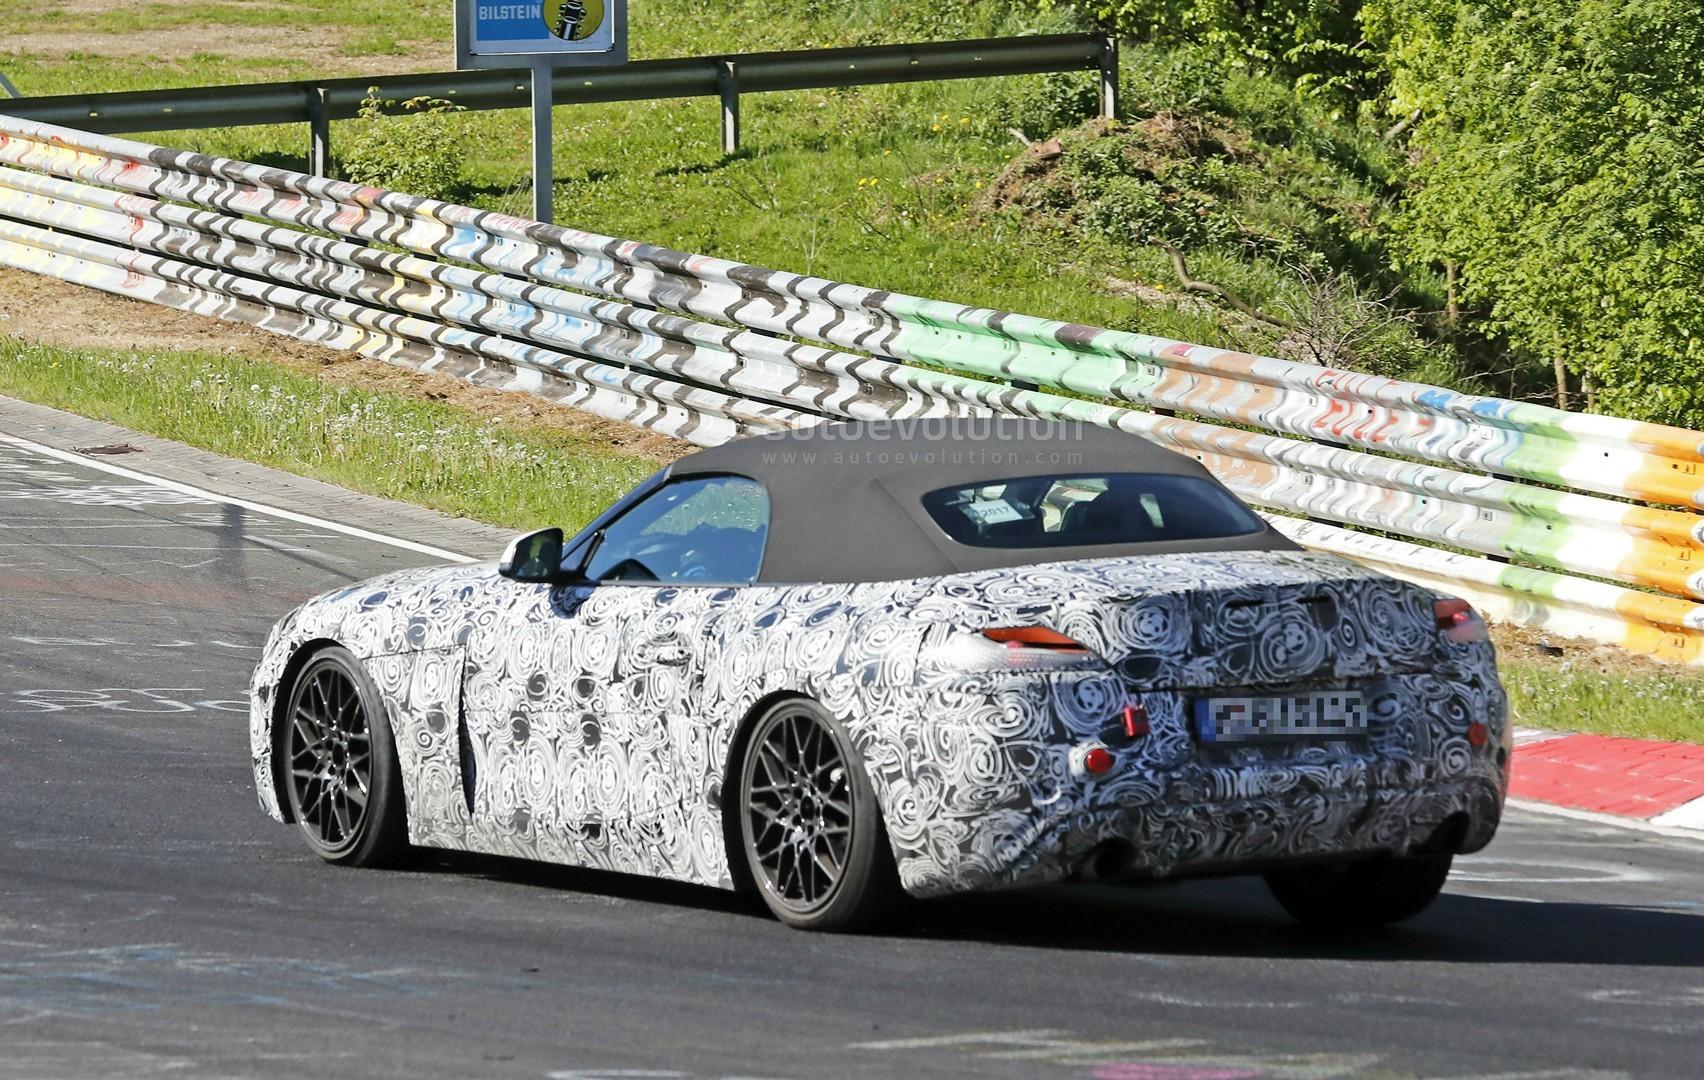 2018 - [BMW] Z4 (G29) - Page 2 2018-bmw-z4-s20i-interior-spyshots-reveal-specs-and-6-speed-manual-gearbox_8